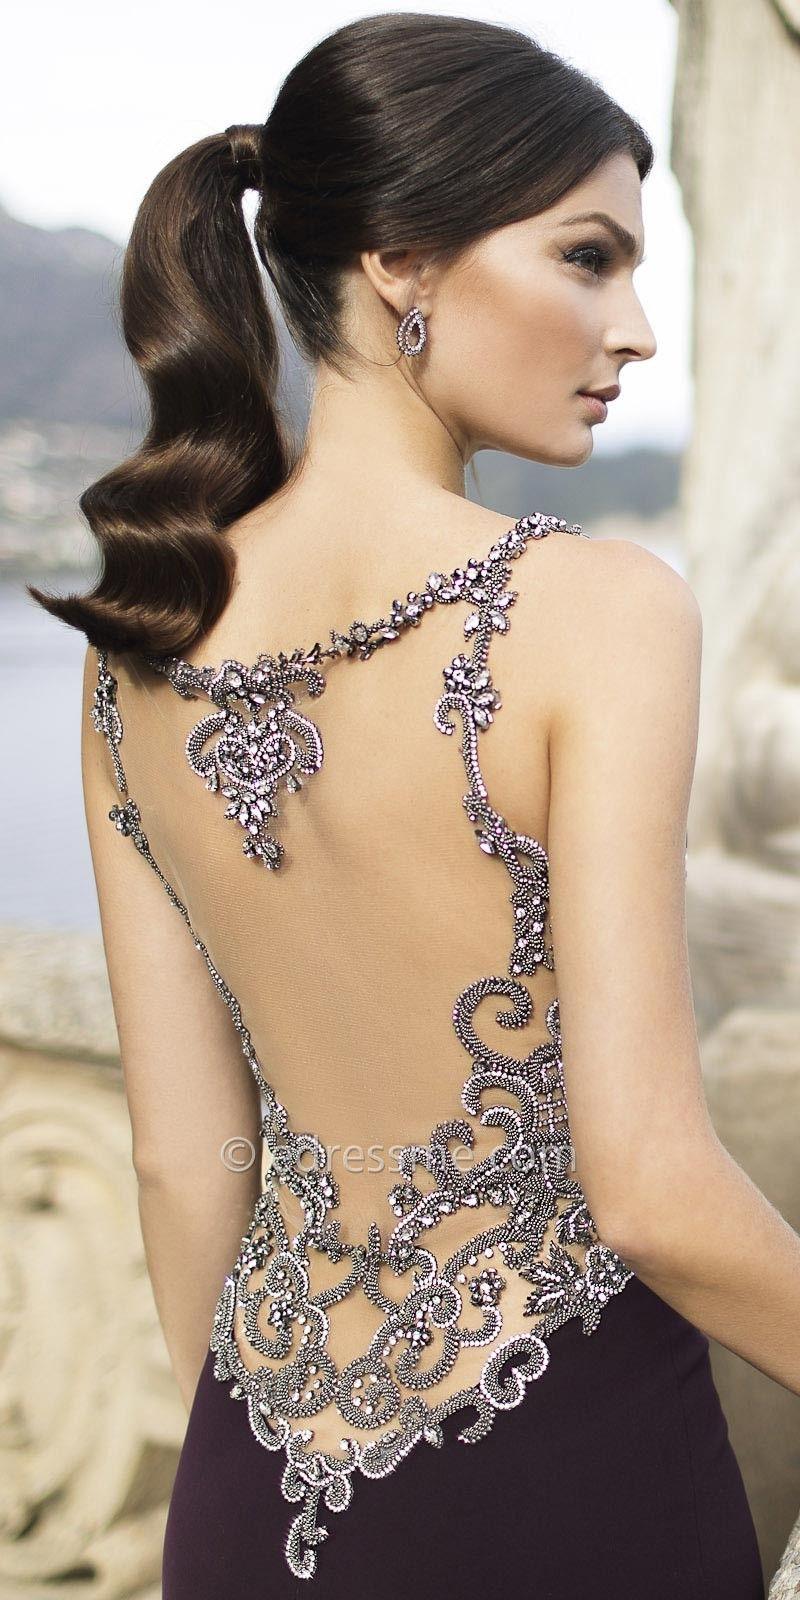 Comprar Vestido de malla transparente nude negro online